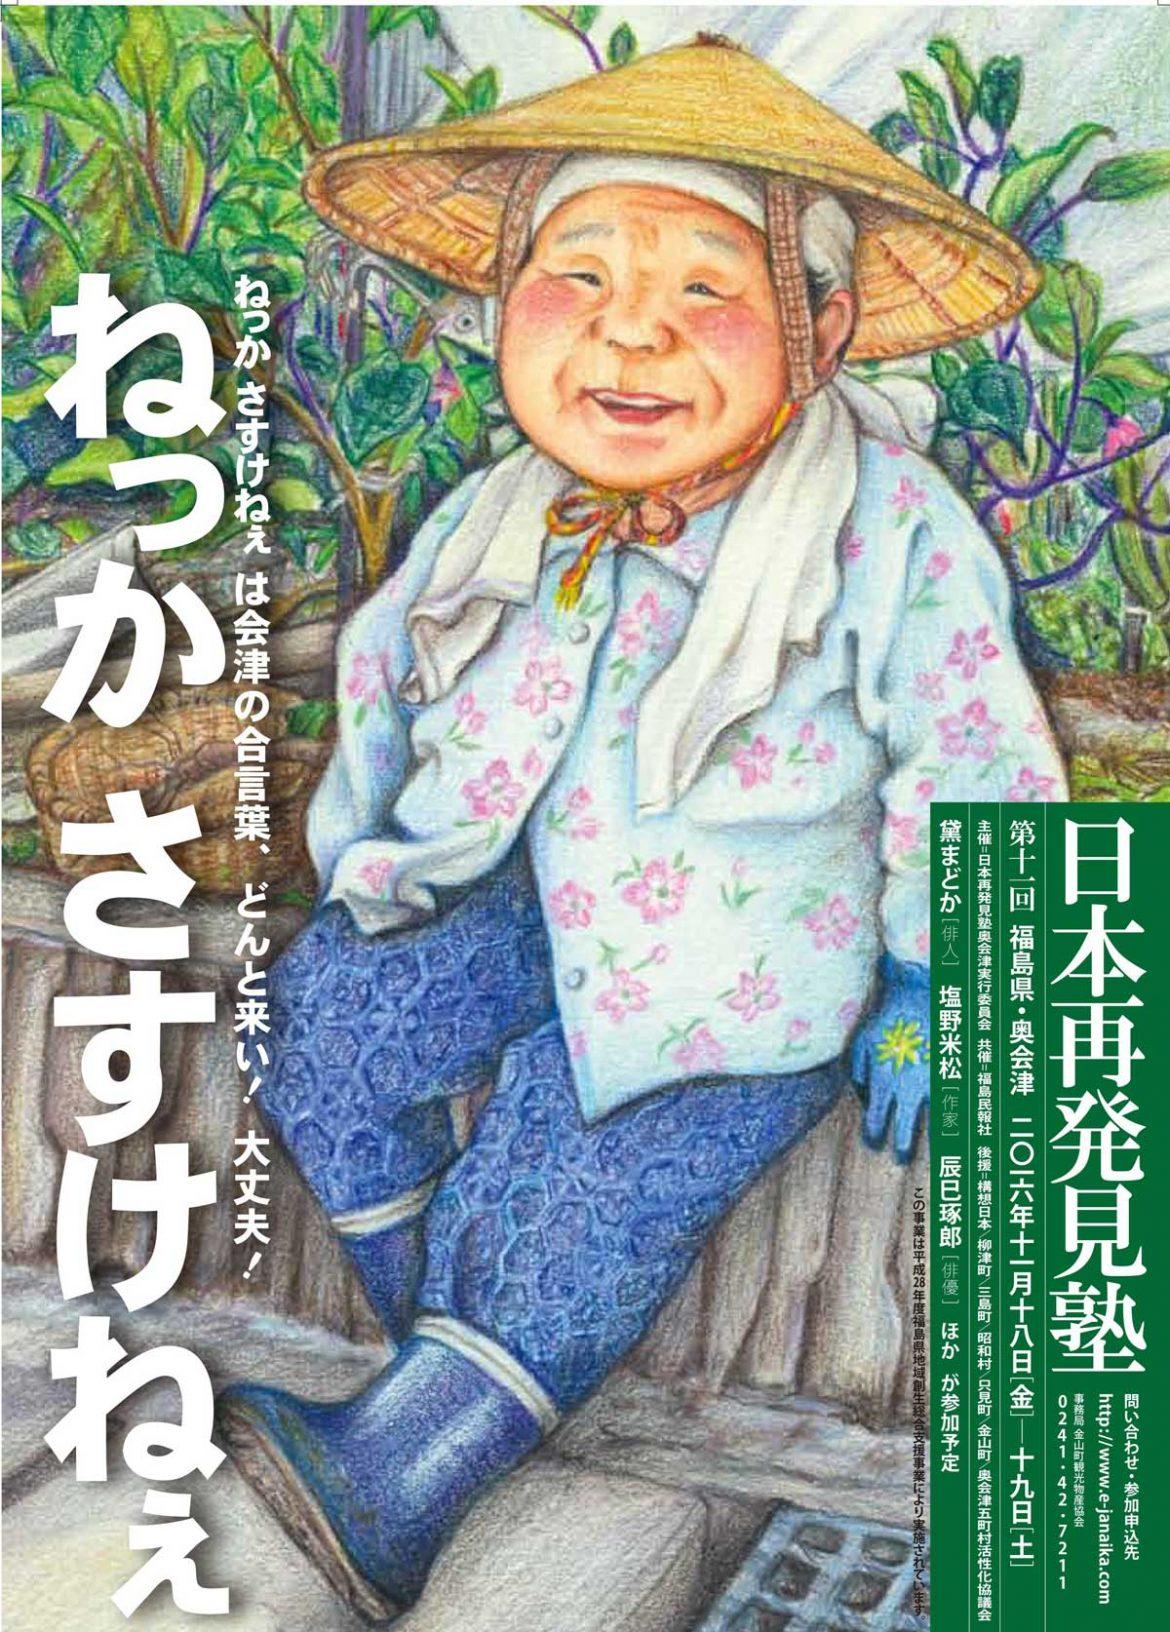 第11回日本再発見塾 in 奥会津・只見線